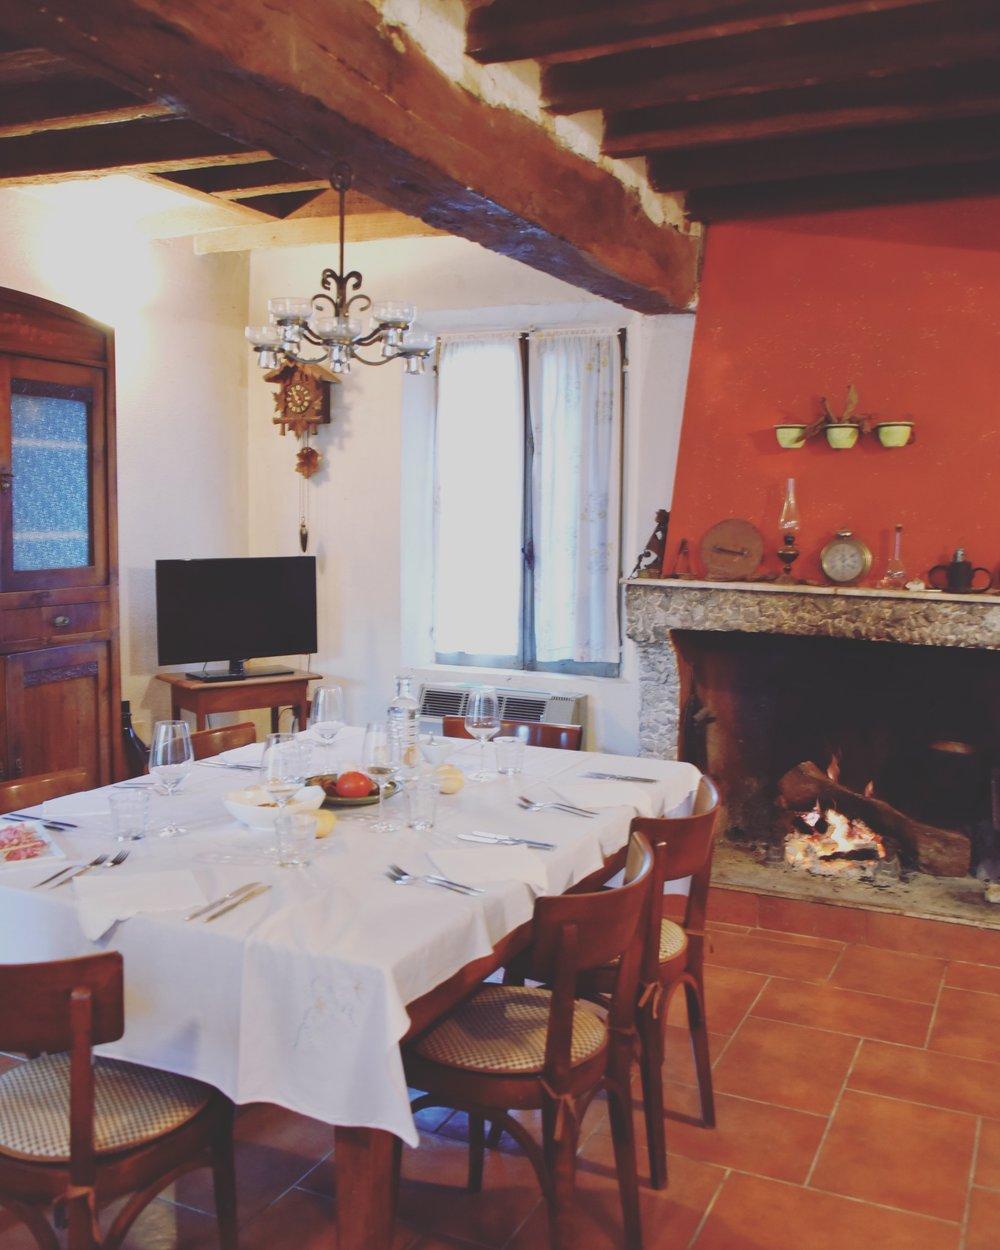 artigiano - dining room